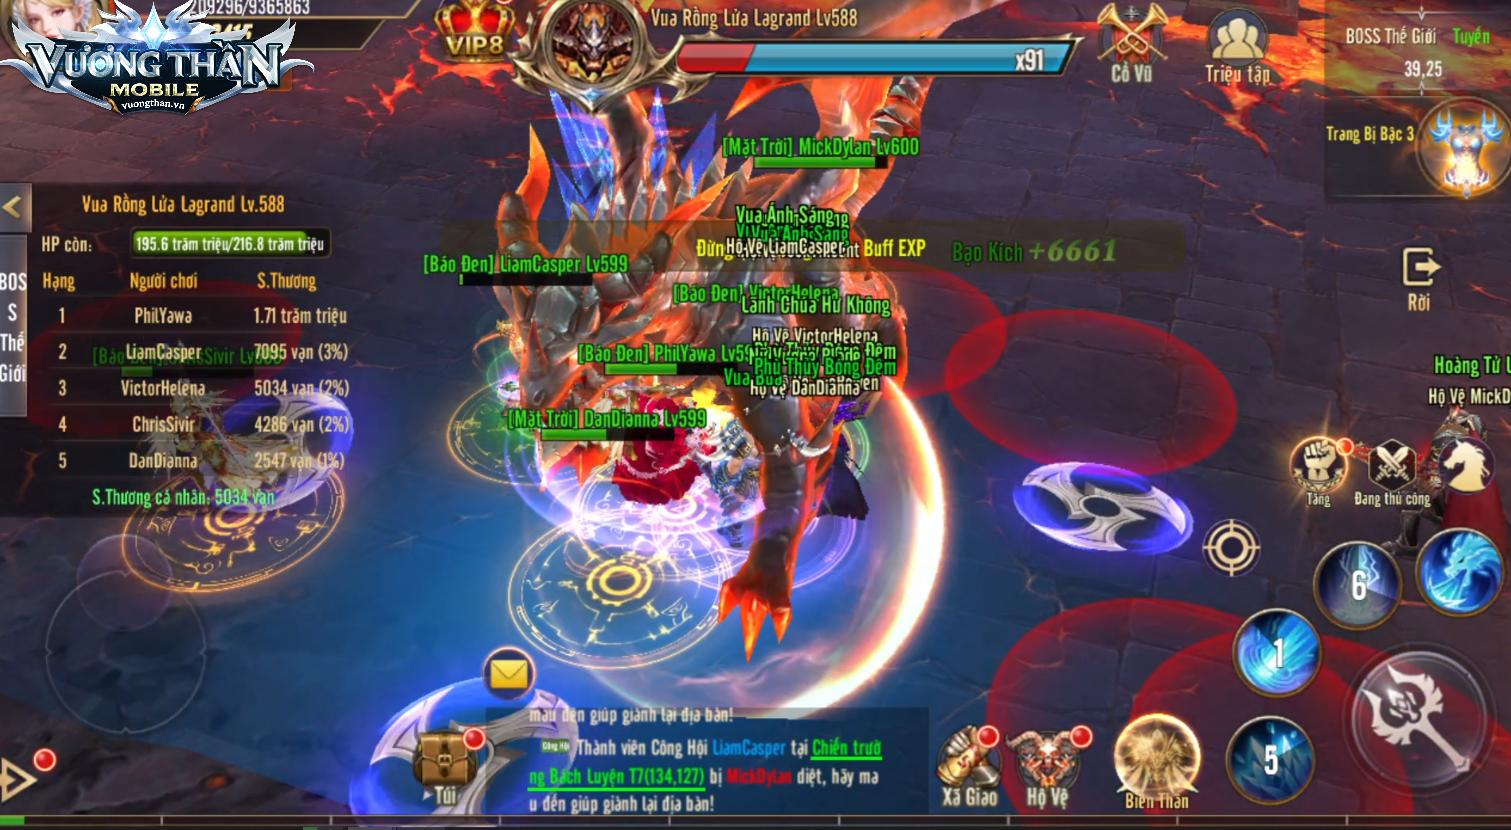 Vương Thần Mobile - Vị Vua mới của dòng game thần thoại Châu Âu mở đăng ký trước, tặng gamer VIP 10 làm quà - Ảnh 3.